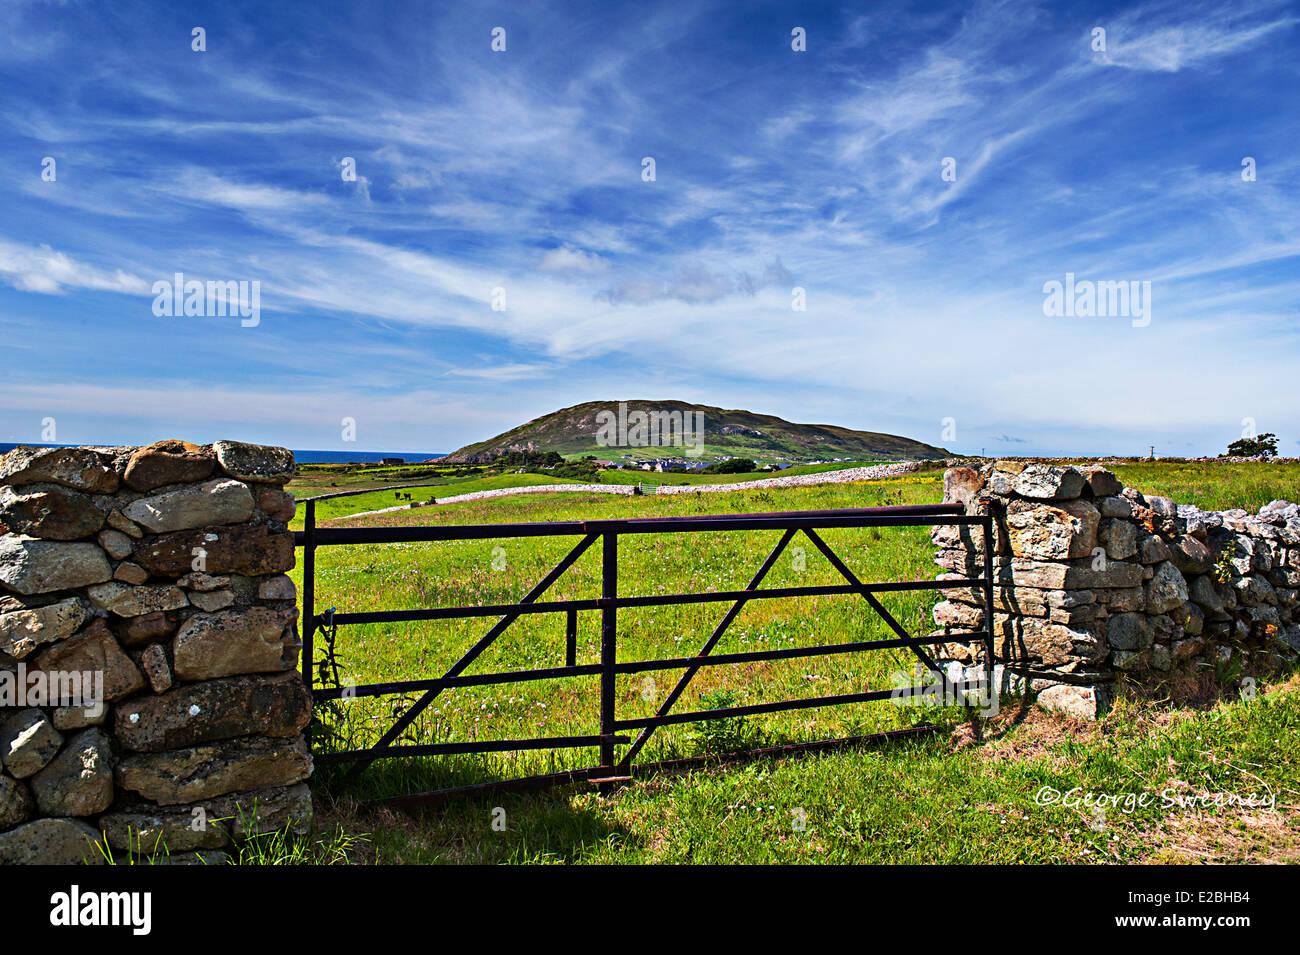 Leenan Head from Clomany Road, Inishowen Peninsula, County Donegal, Ireland - Stock Image